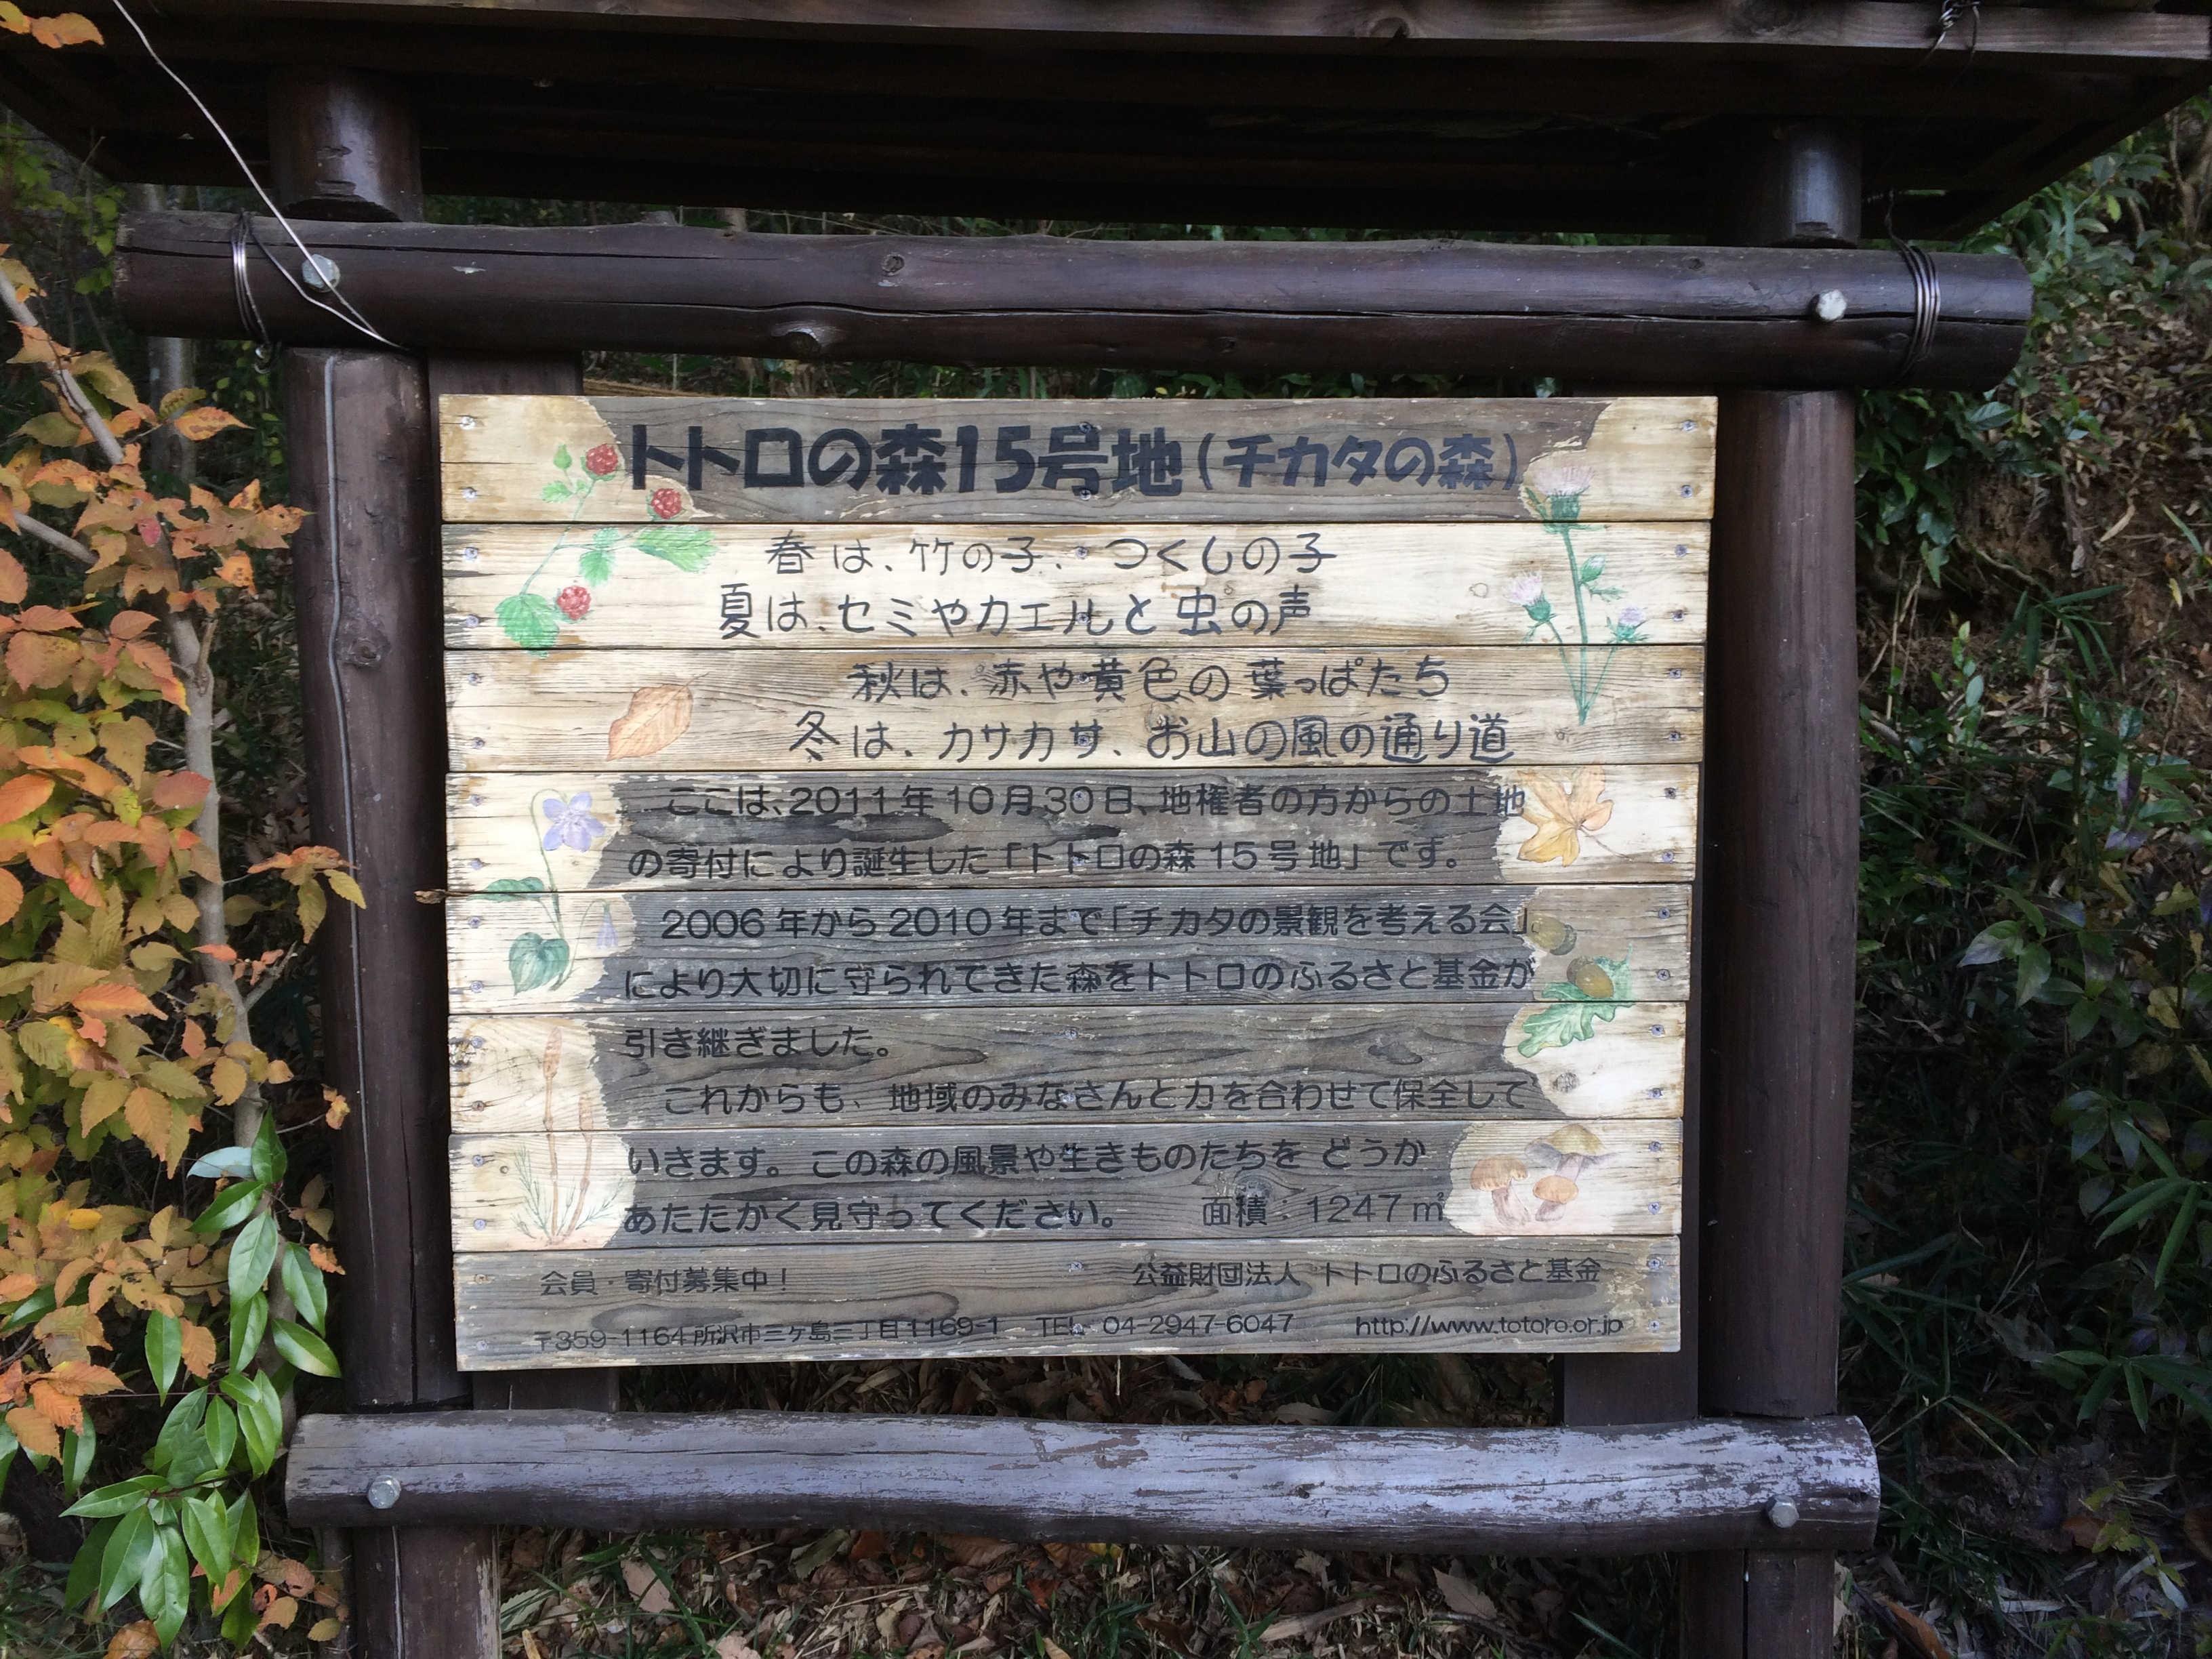 トトロの森15号地(チカタの森)